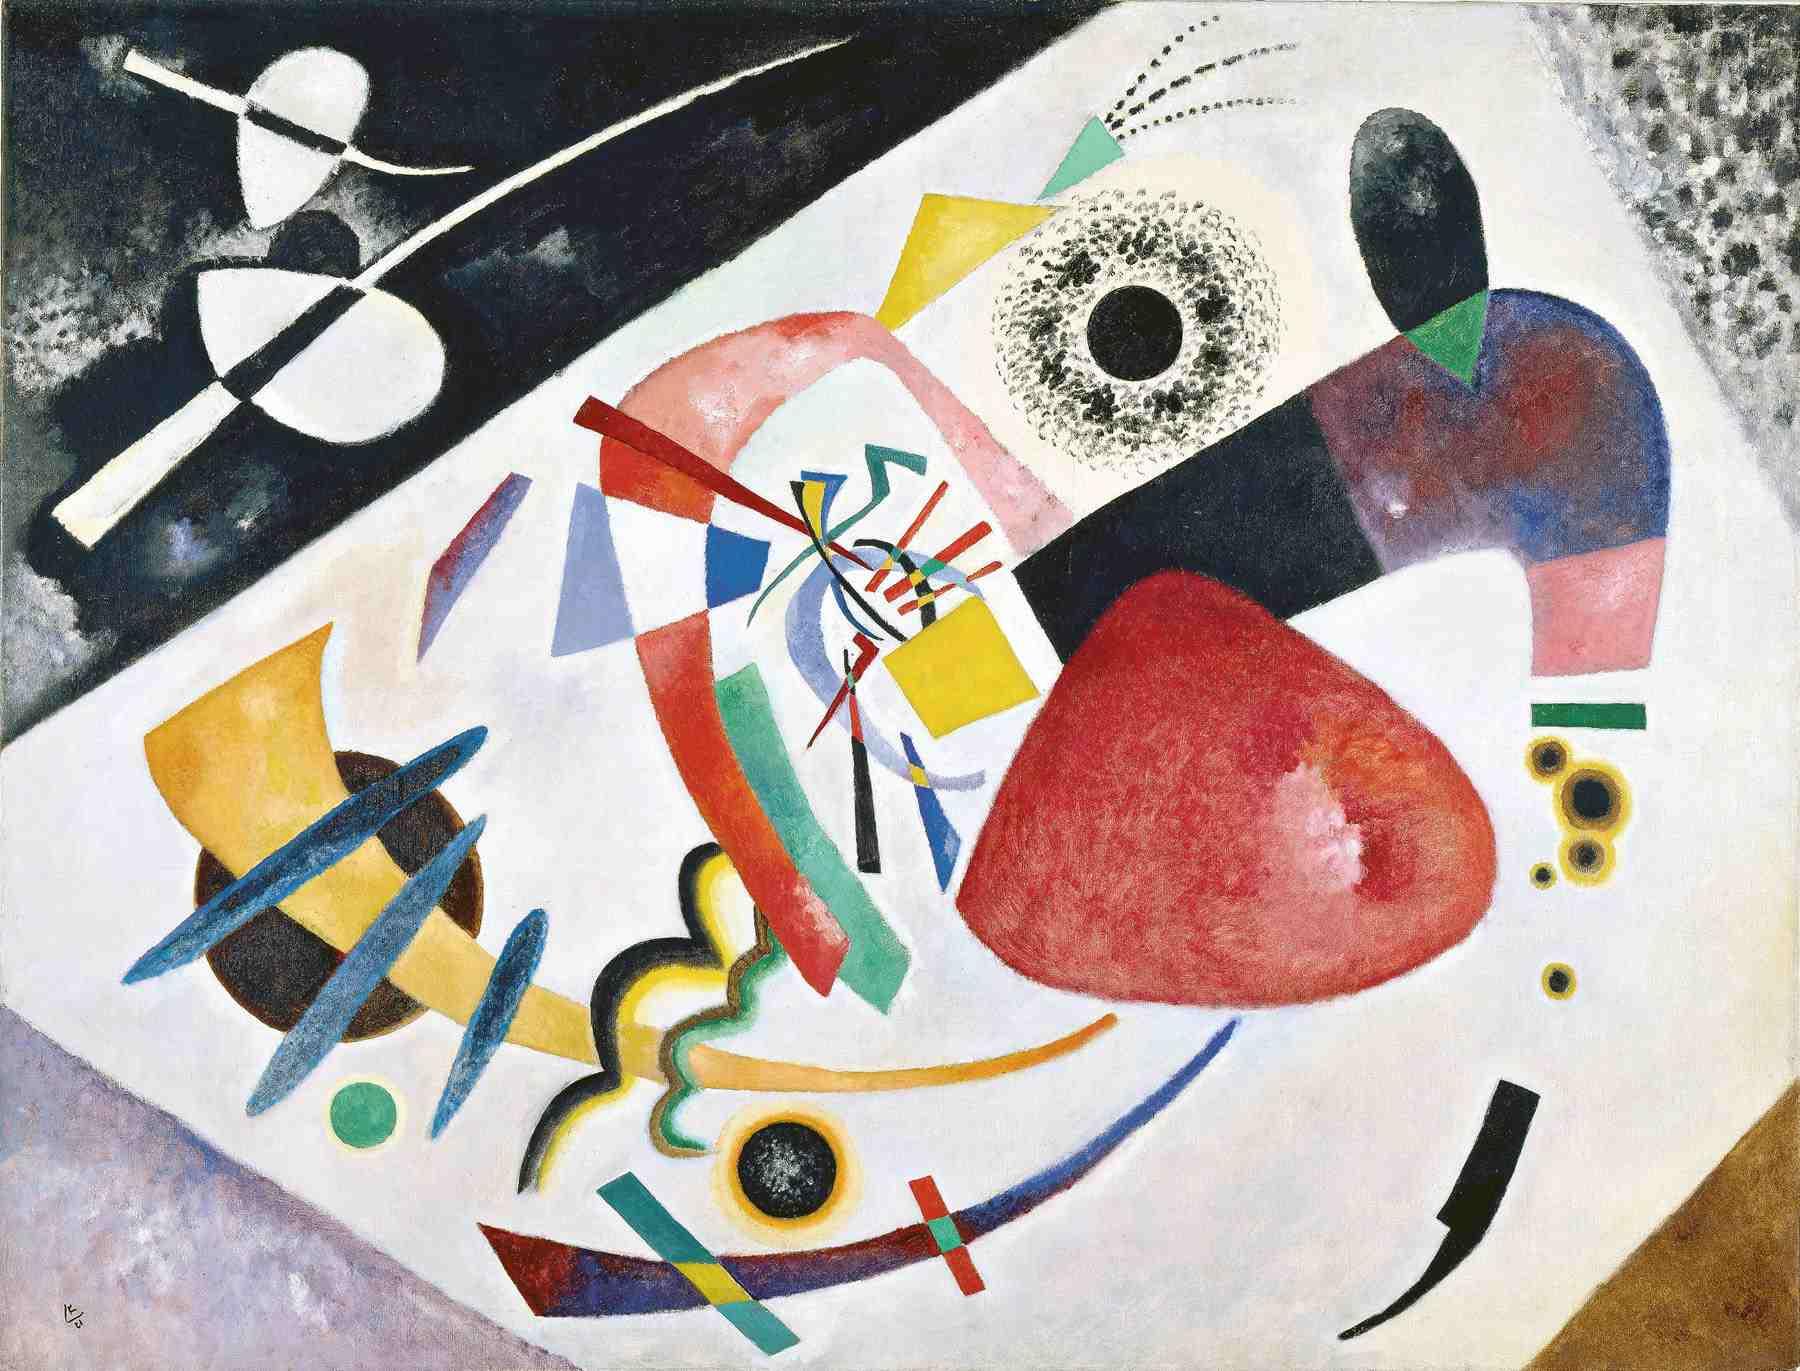 Wassily Kandinsky (Russian, 1866-1944) Wassily Kandinsky (Russian, 1866-1944). Red Spot II (Roter Fleck II), 1921. Oil on canvas. 53 15/16 x 71 1/4 in. (137 x 181 cm). Städtische Galerie im Lenbachhaus, Munich.